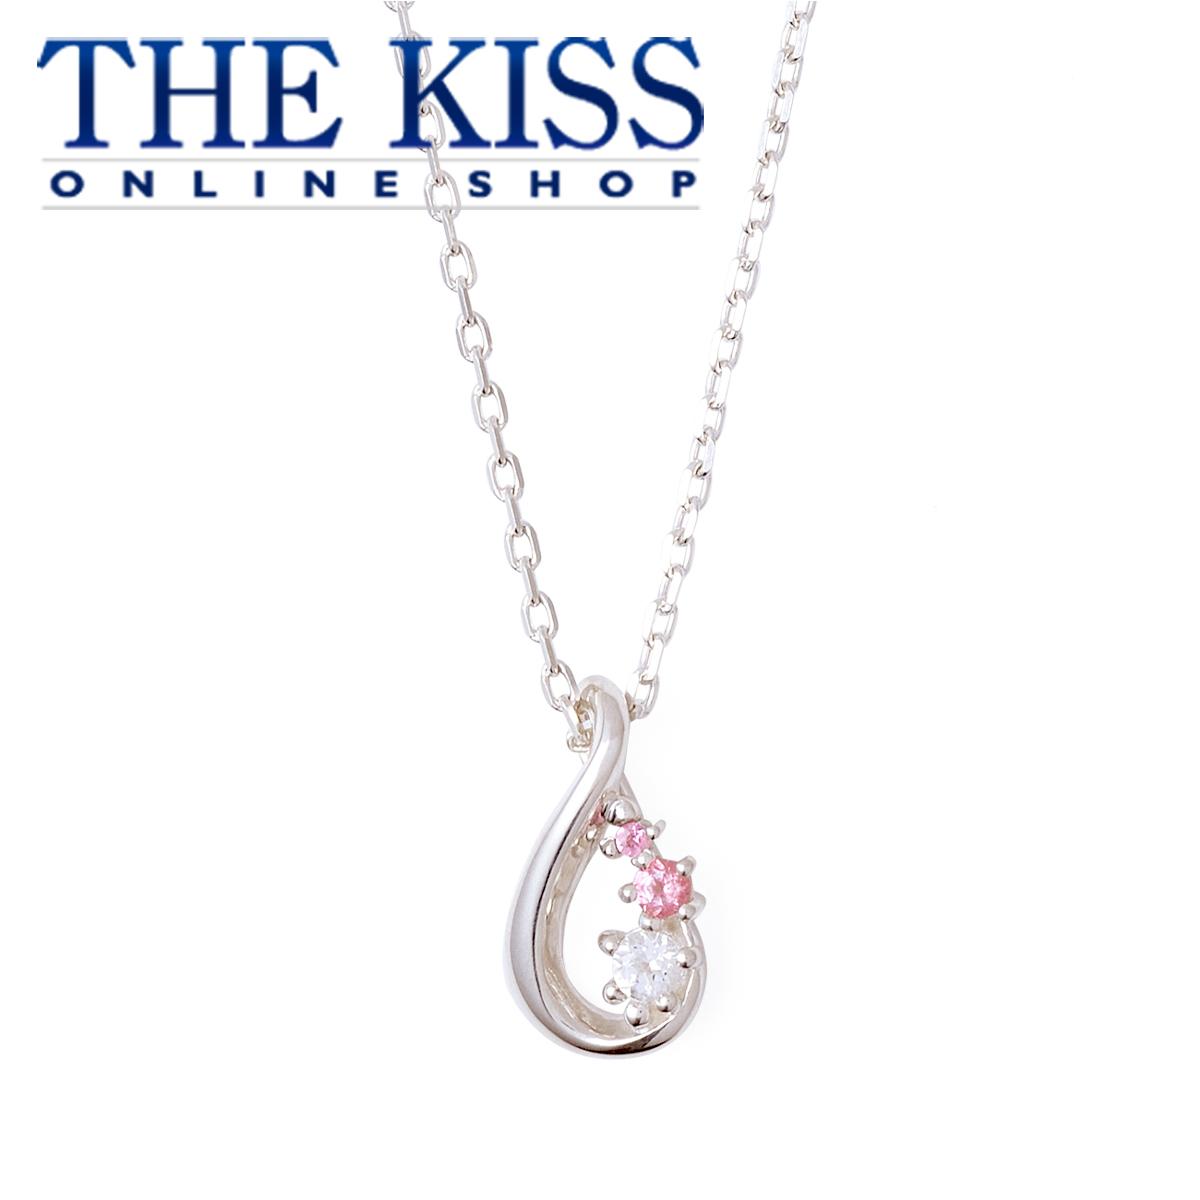 【あす楽対応】THE KISS 公式サイト シルバー ネックレス レディースジュエリー・アクセサリー ジュエリーブランド THEKISS ネックレス・ペンダント 記念日 プレゼント 2017WD-02N ザキス 【送料無料】